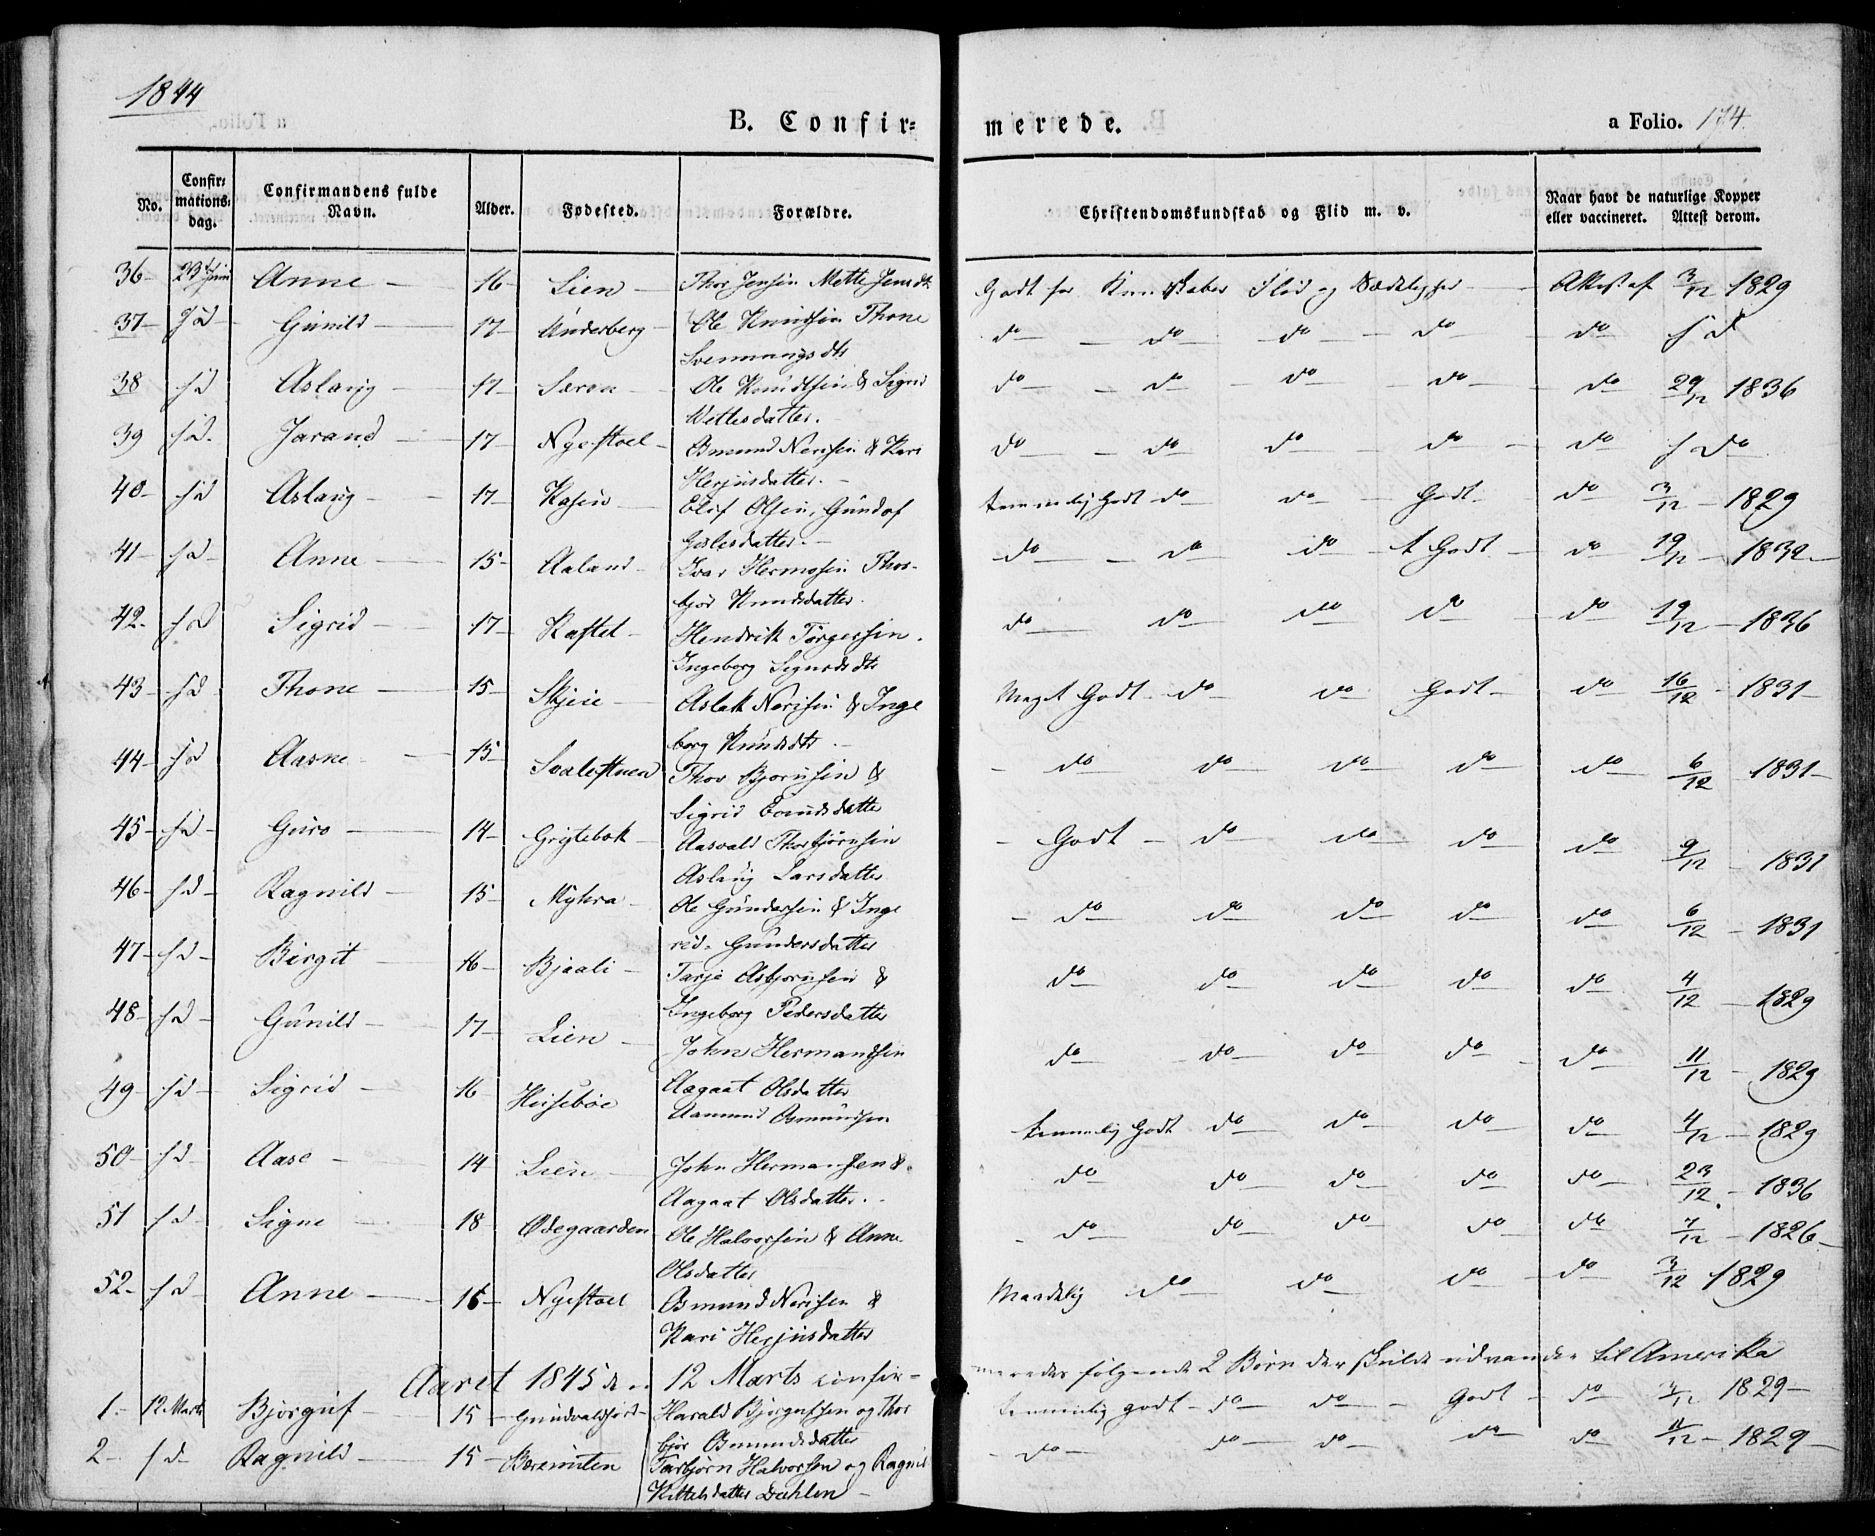 SAKO, Vinje kirkebøker, F/Fa/L0004: Ministerialbok nr. I 4, 1843-1869, s. 174